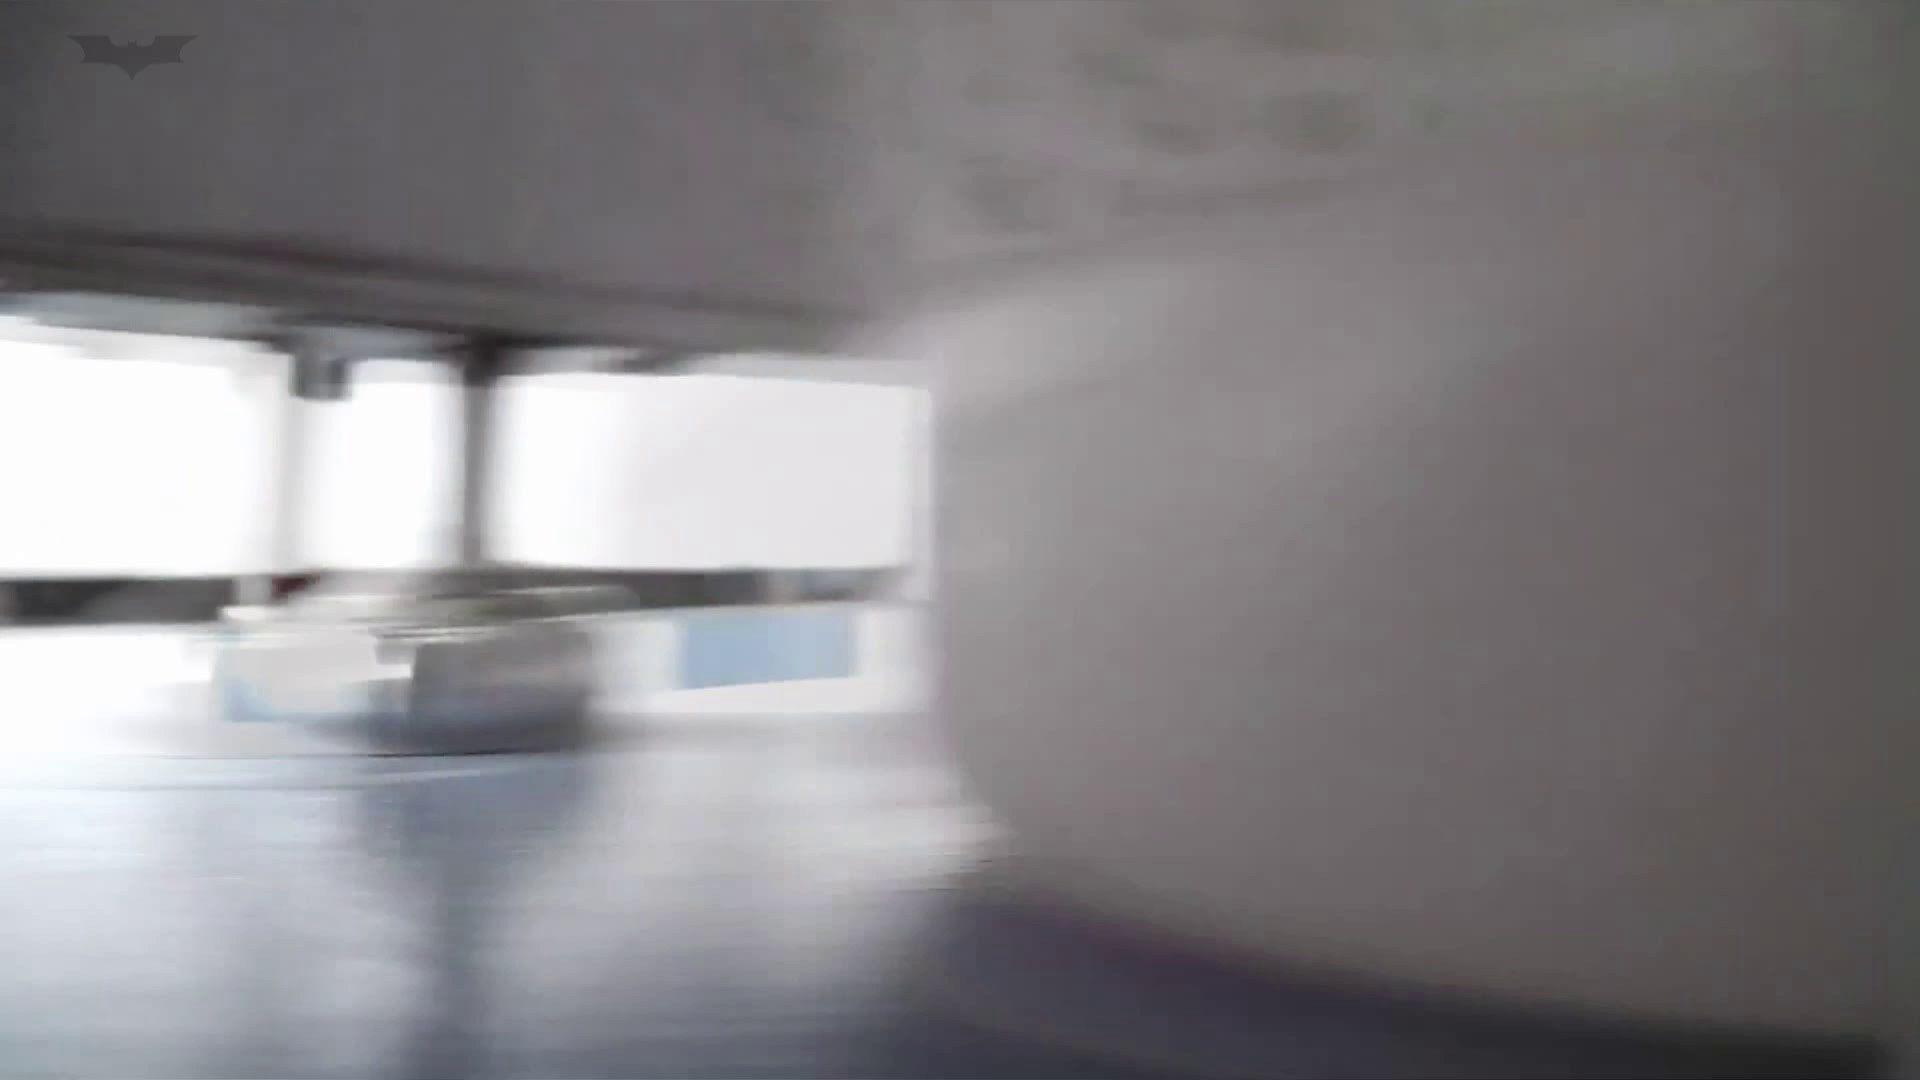 なんだこれVol.13今まで一番の美女と美マン登場!! 潜入 オメコ無修正動画無料 108画像 54